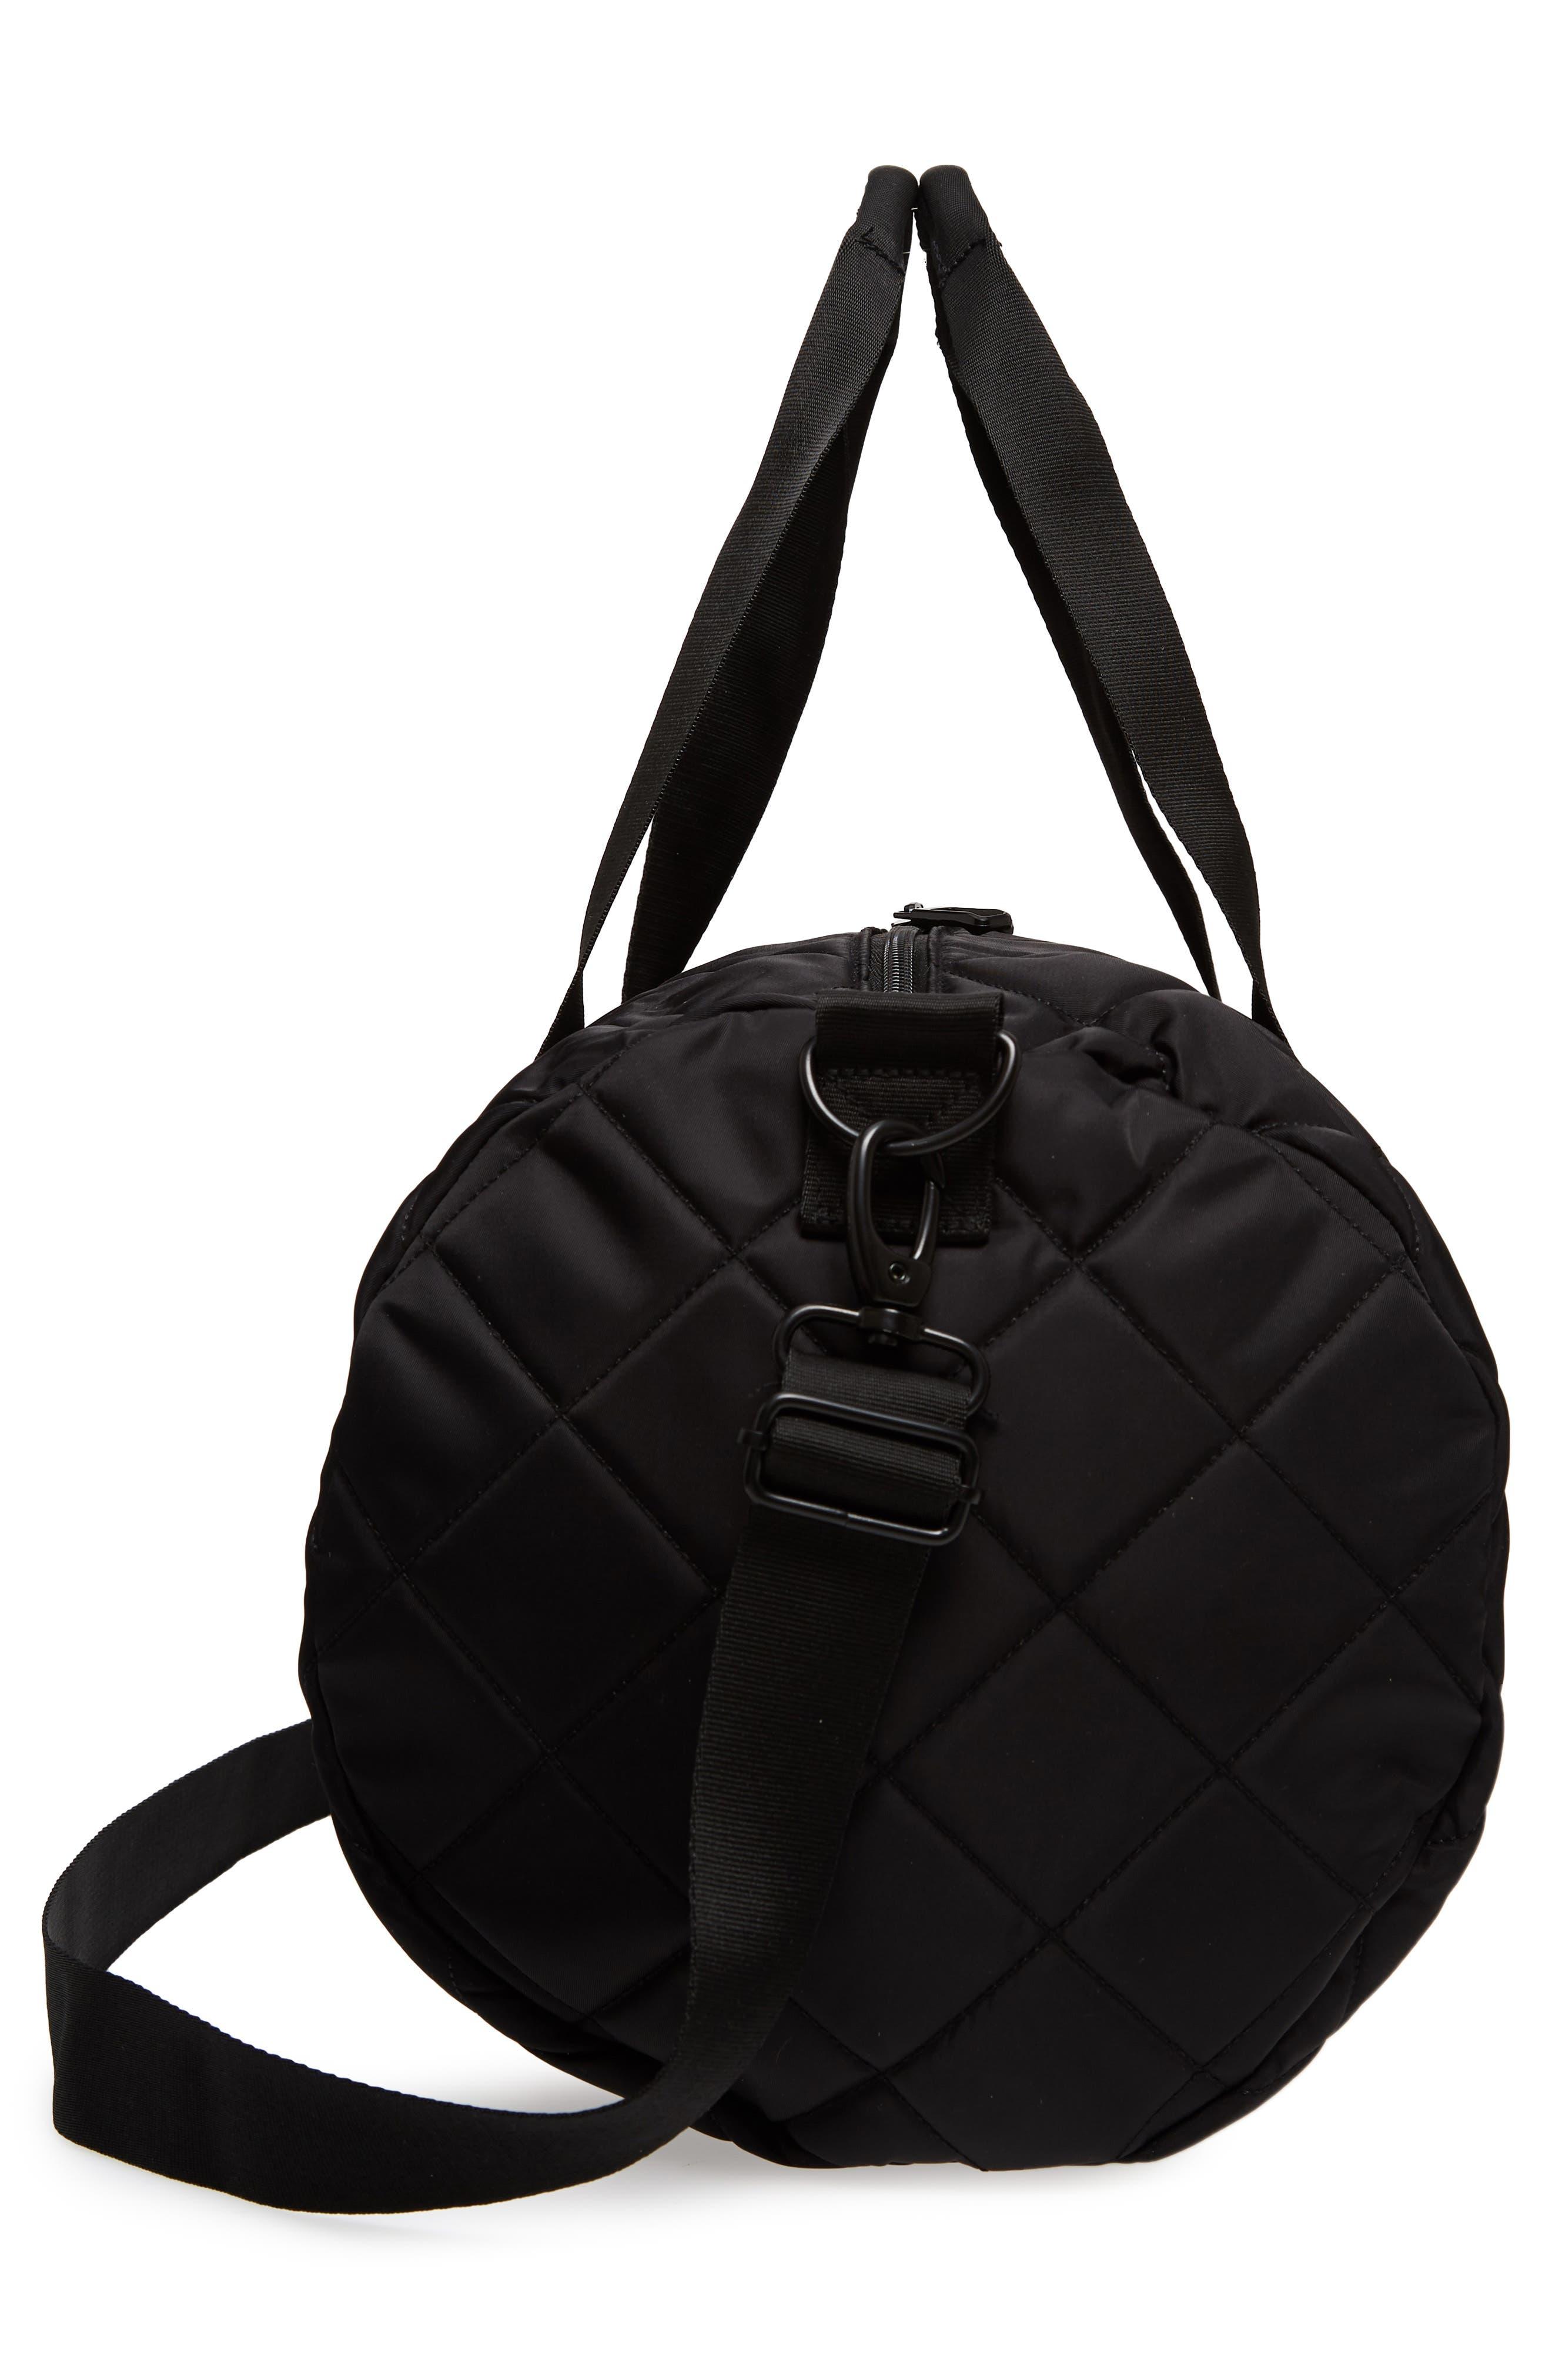 Roadie Small Duffel Bag,                             Alternate thumbnail 5, color,                             001